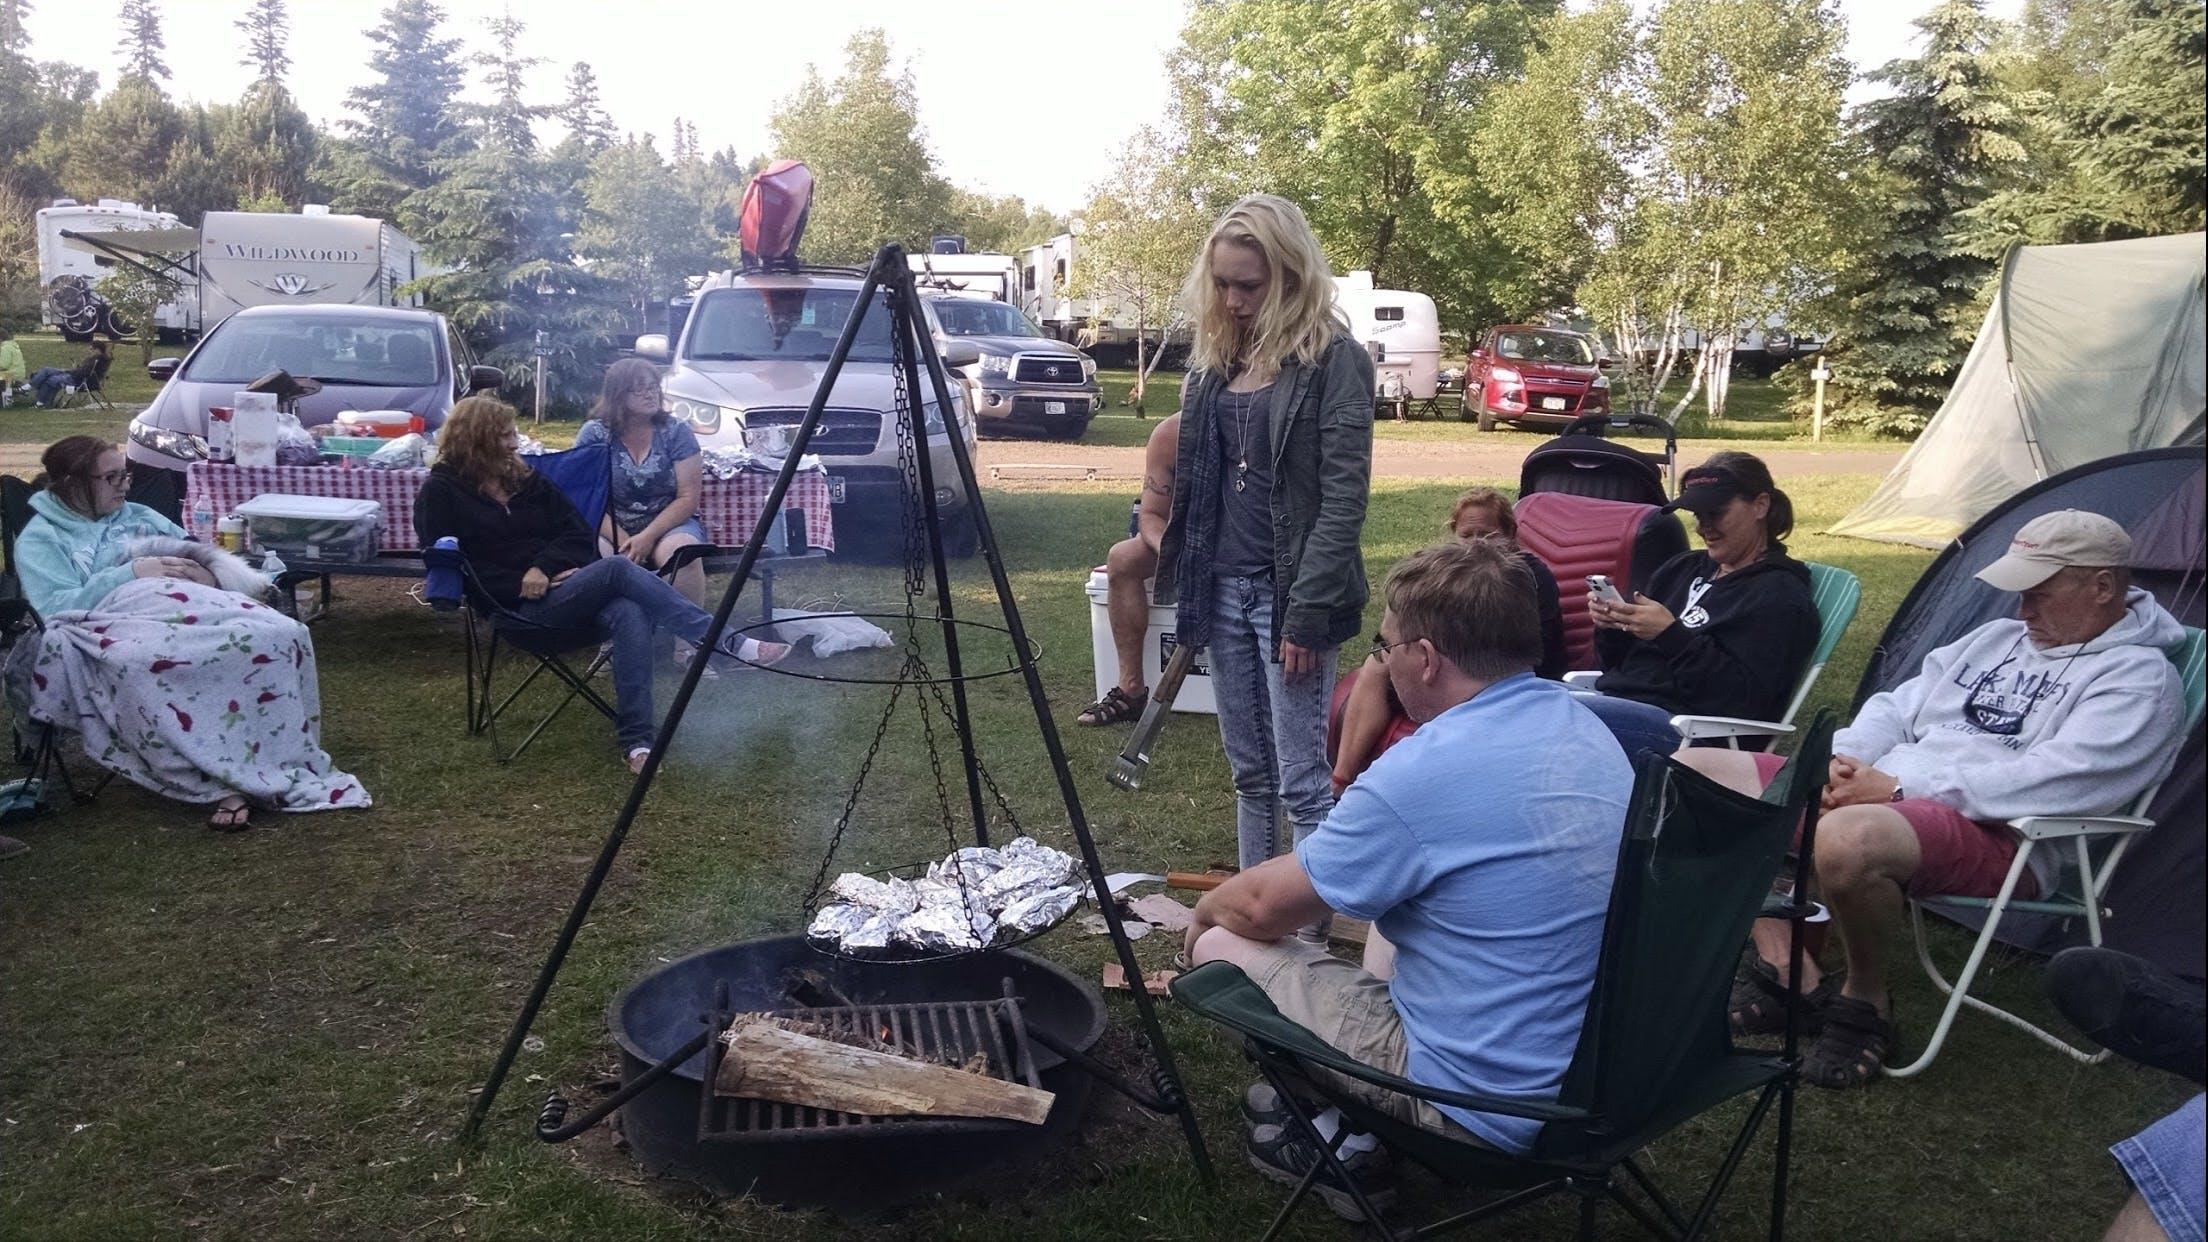 Grand Marais City Rv Park, MN | Kate H  reviews Grand Marais